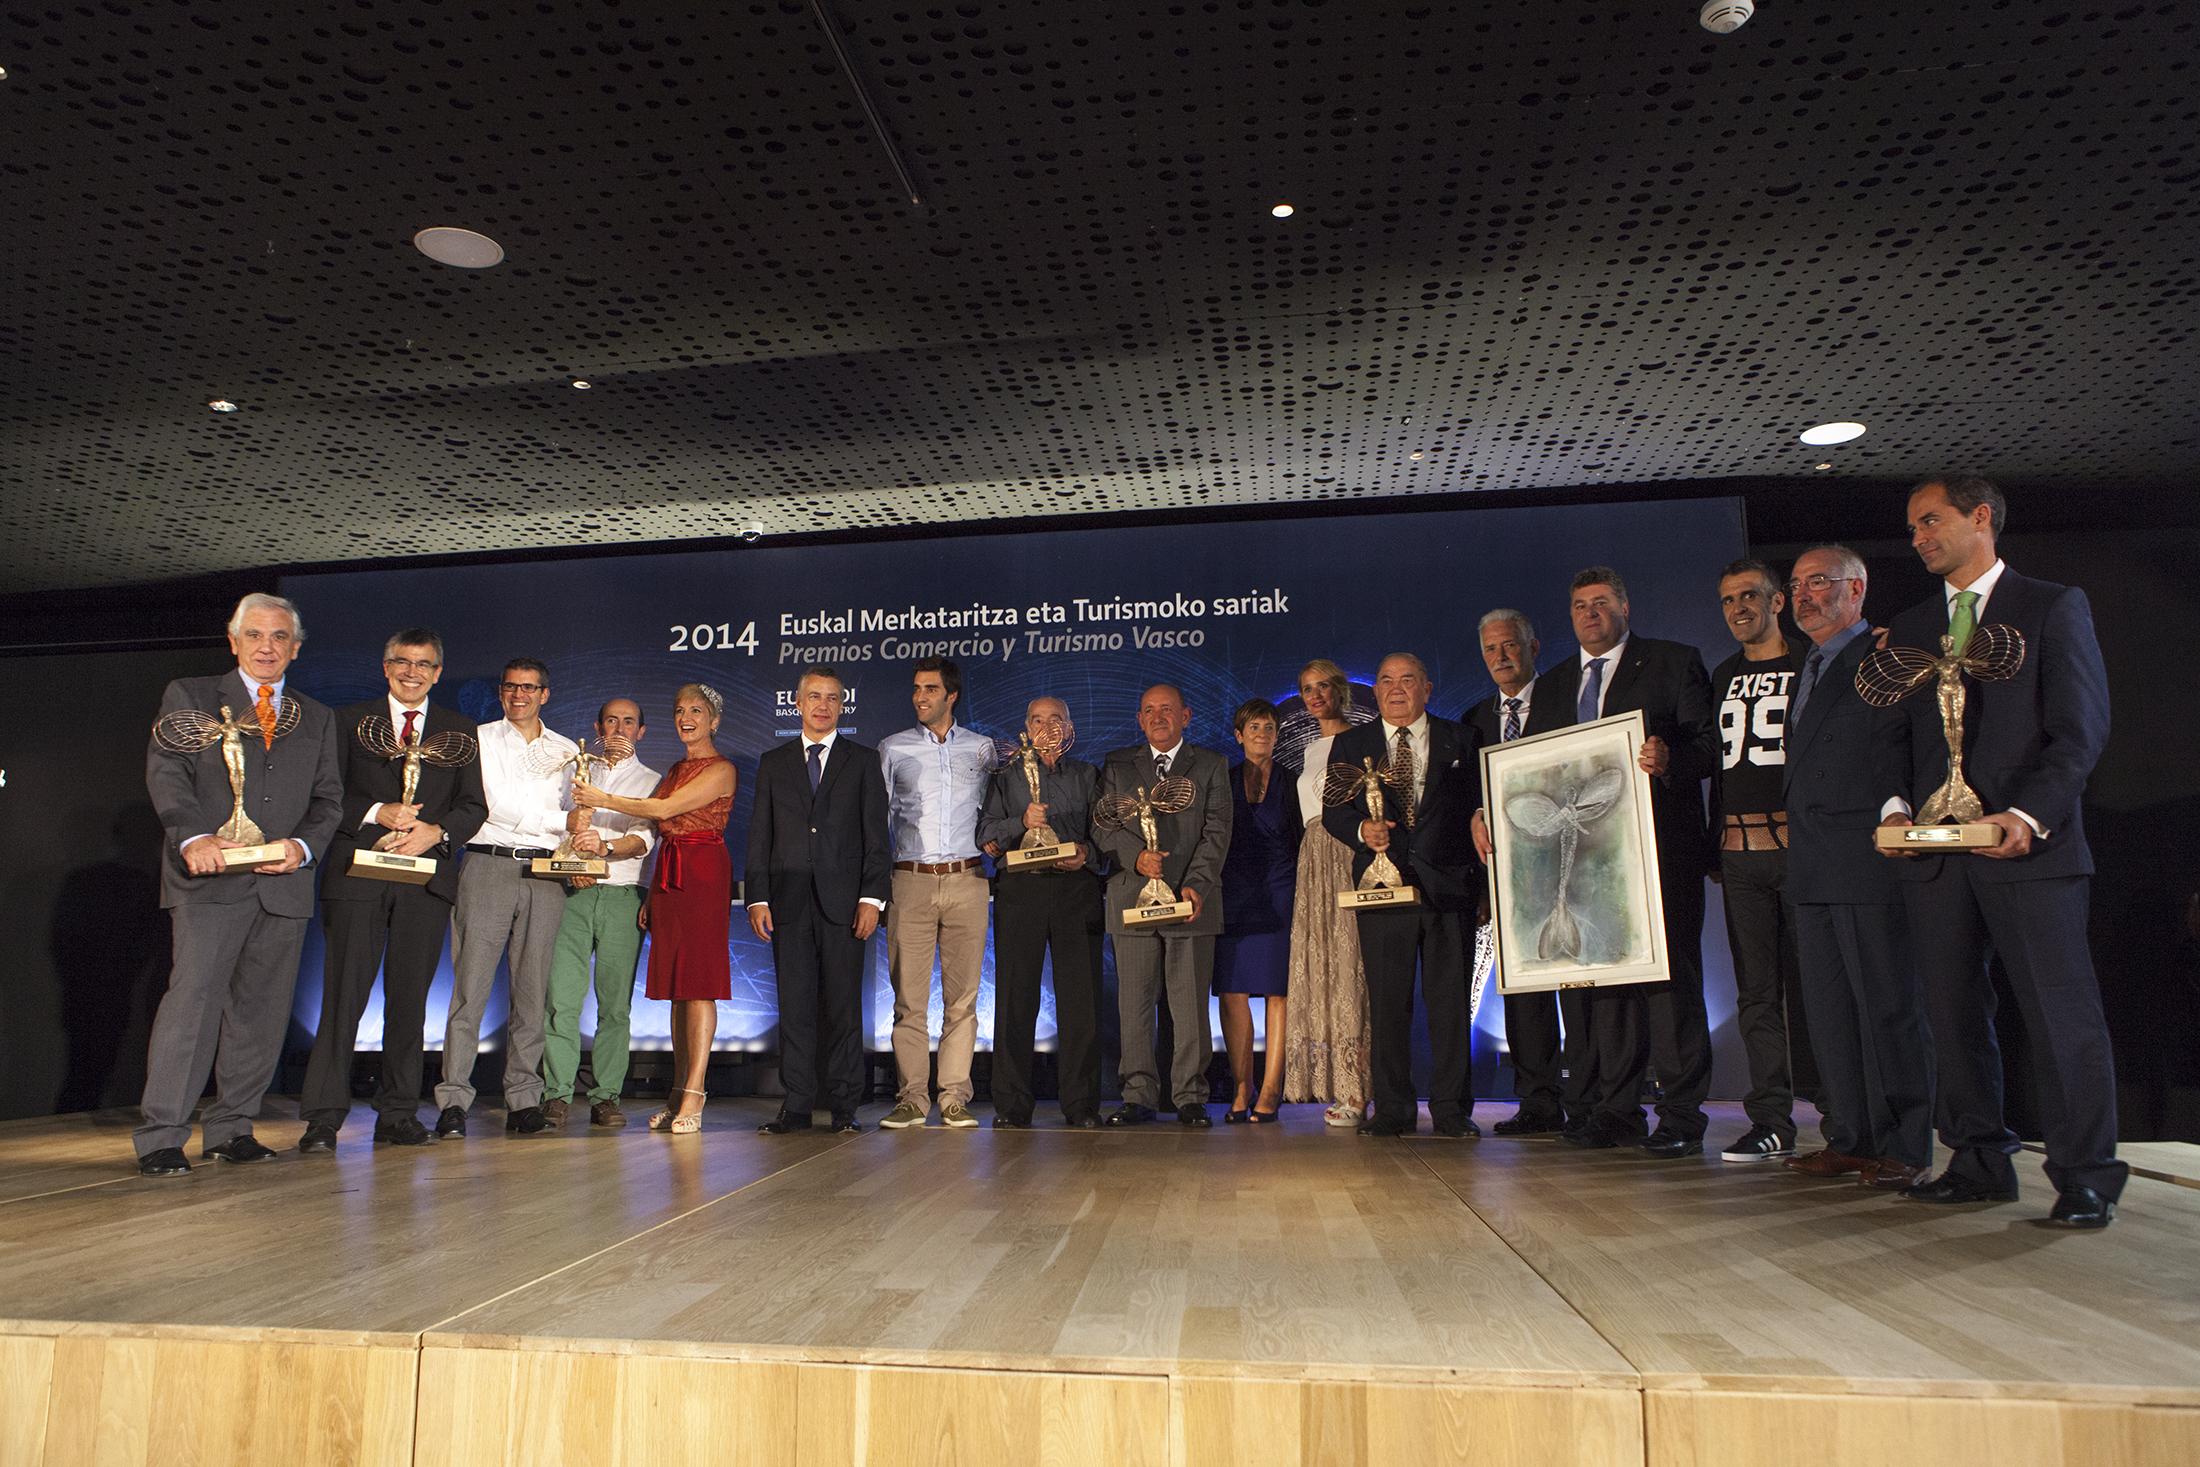 2014_10_07_lhk_premios_turismo_137.jpg